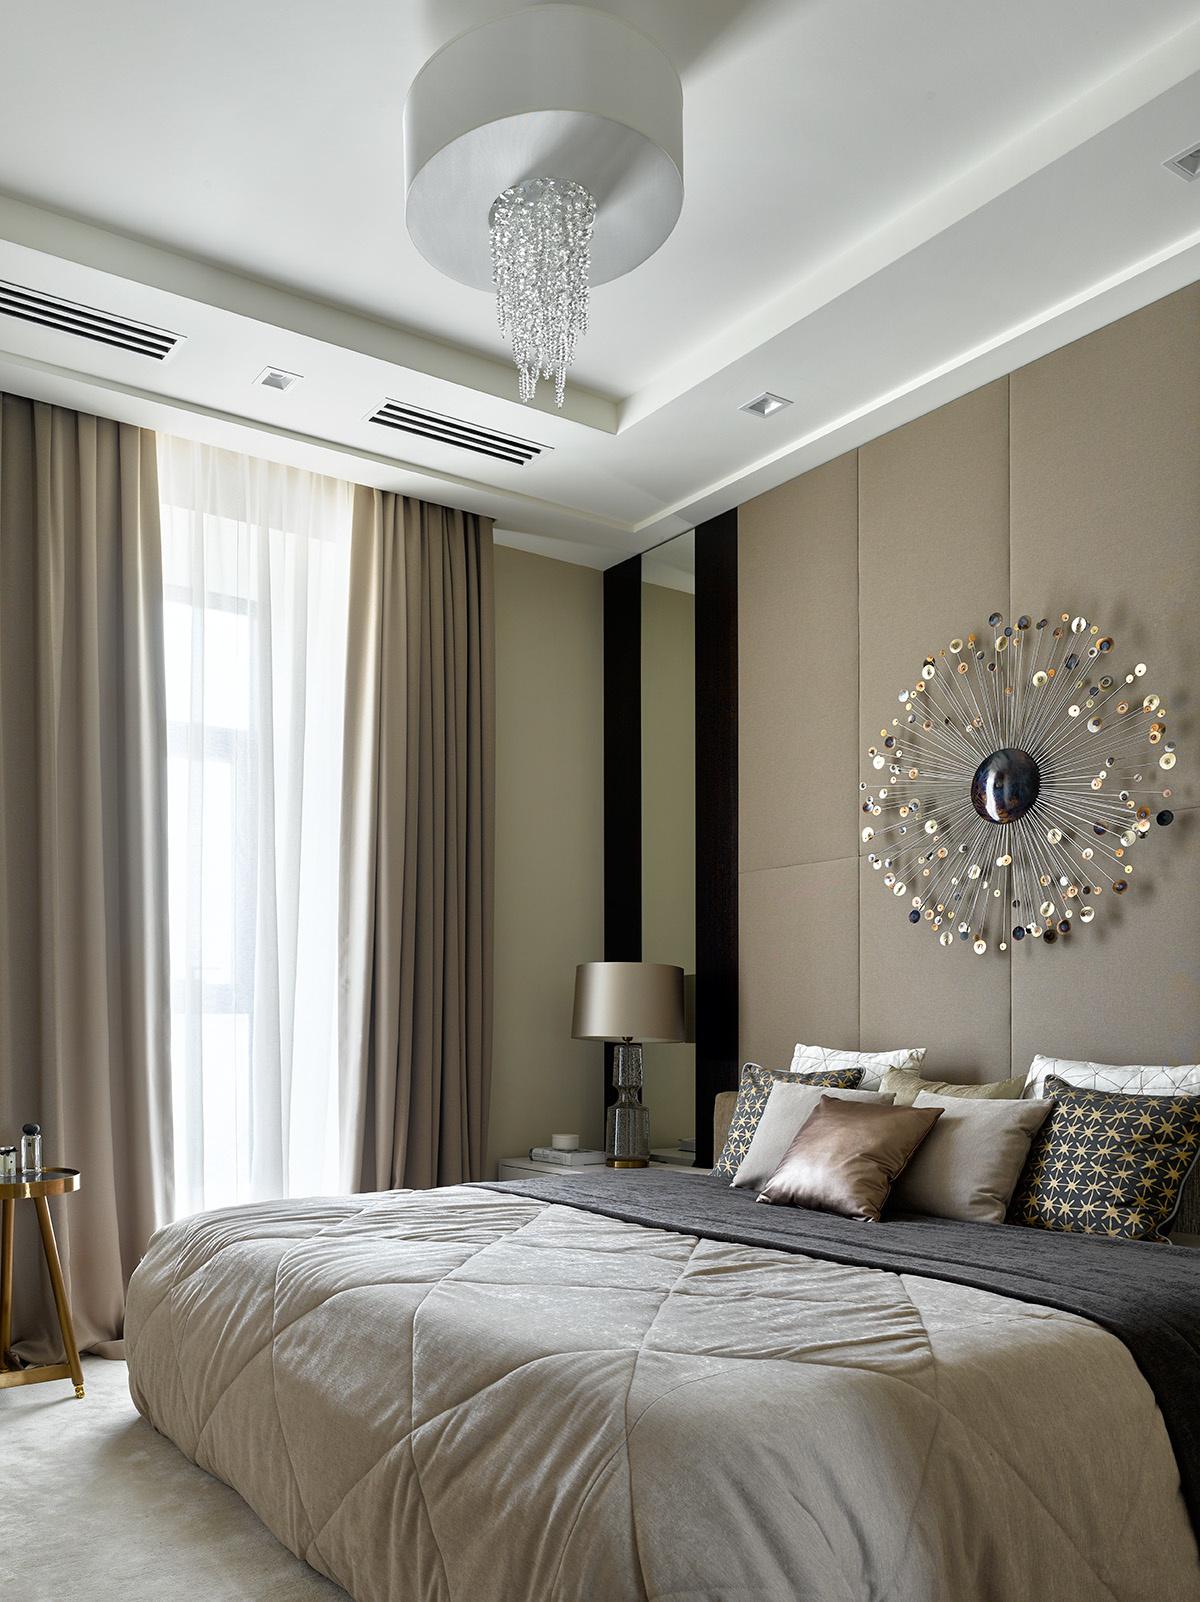 Текстильные панели в спальне: 10 примеров (галерея 0, фото 5)